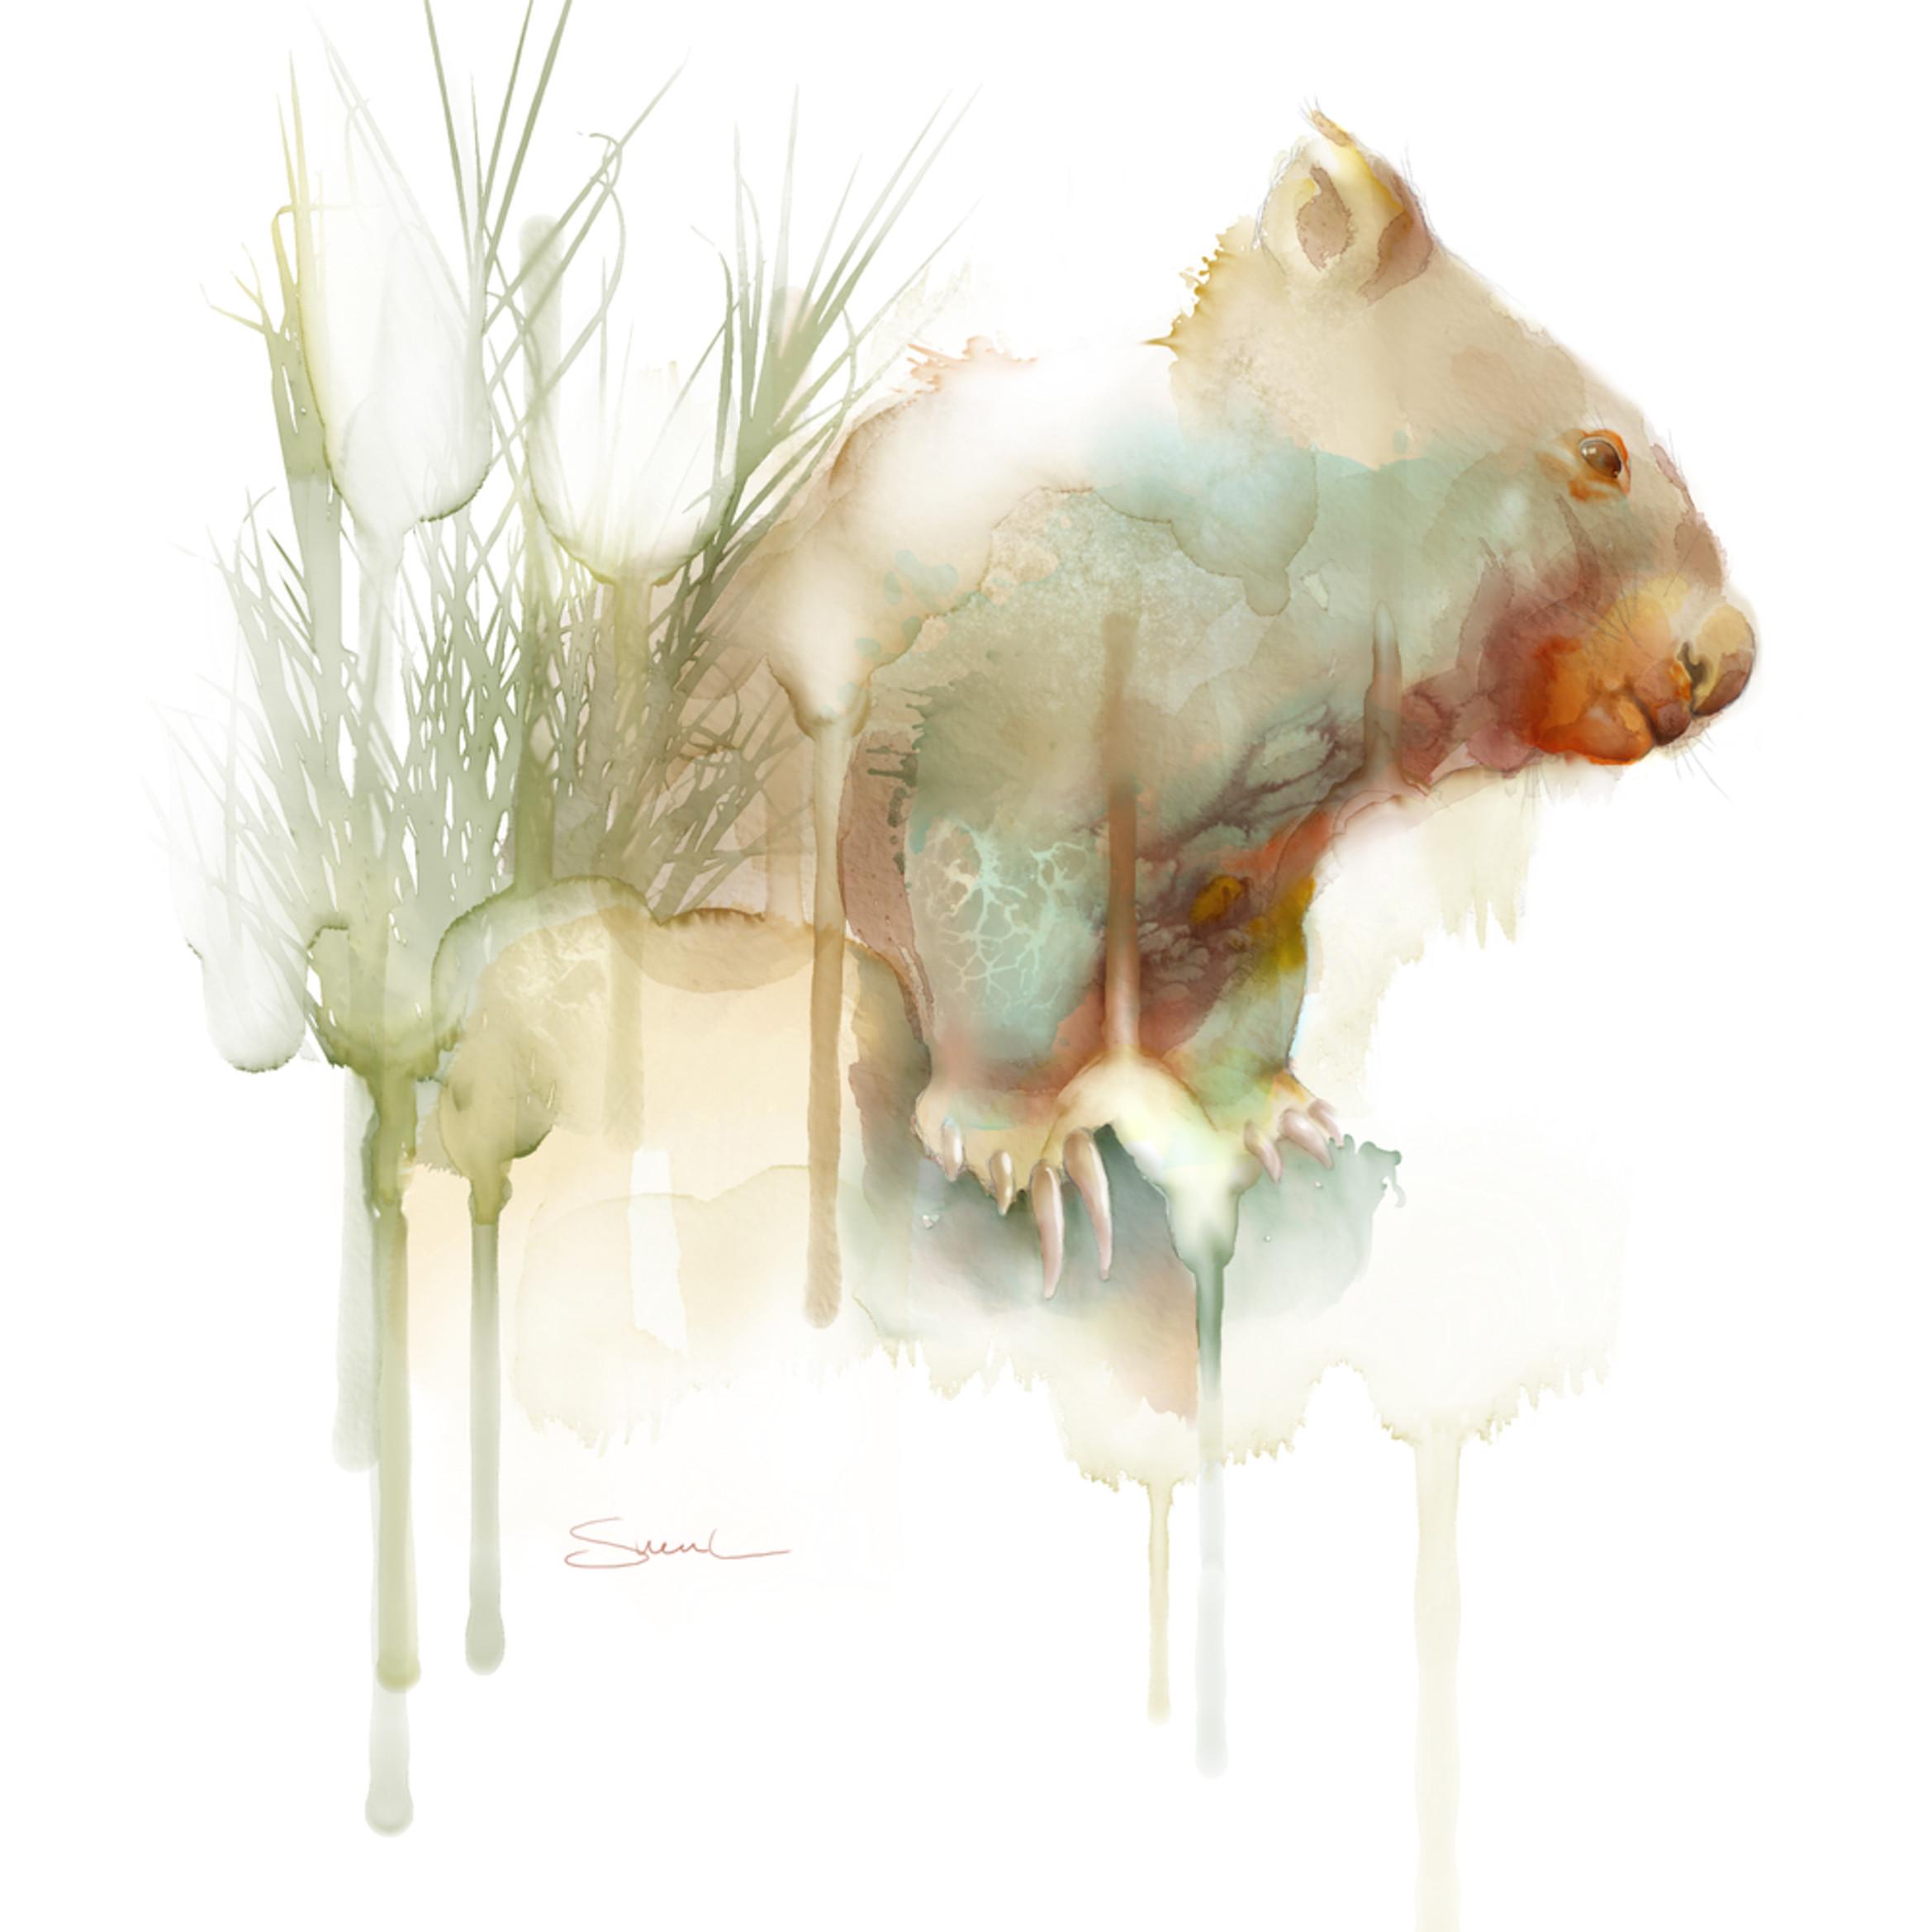 Wombat watercolor jaadkv